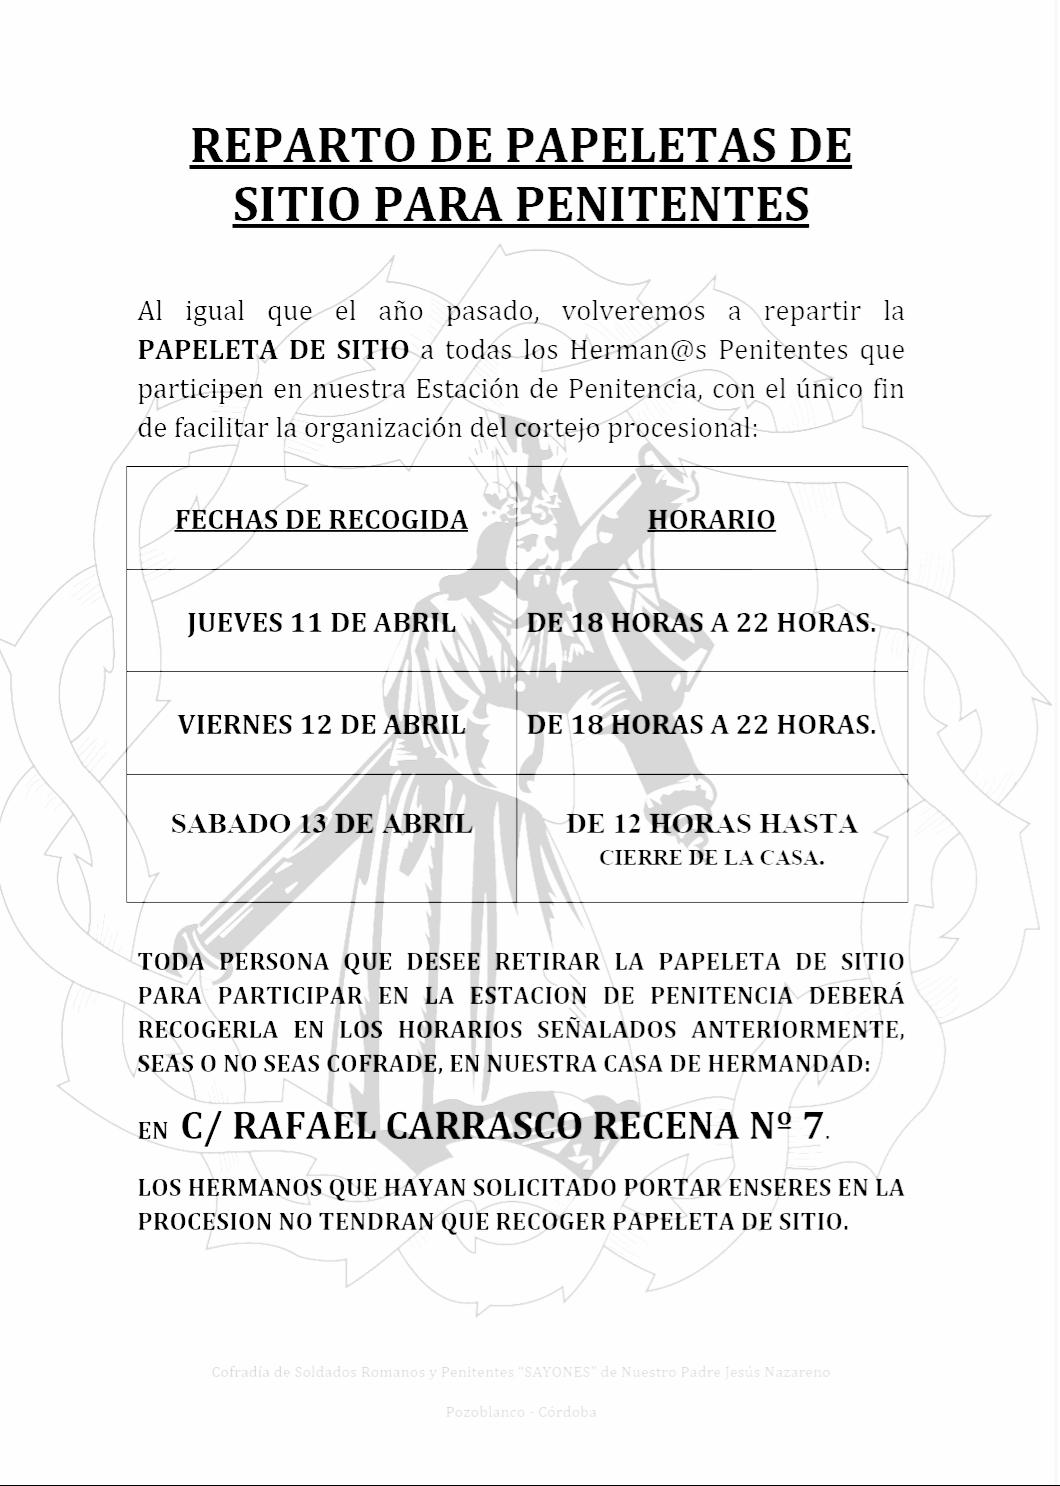 Reparto papeletas de sitio Cofradia Sayones Pozoblanco